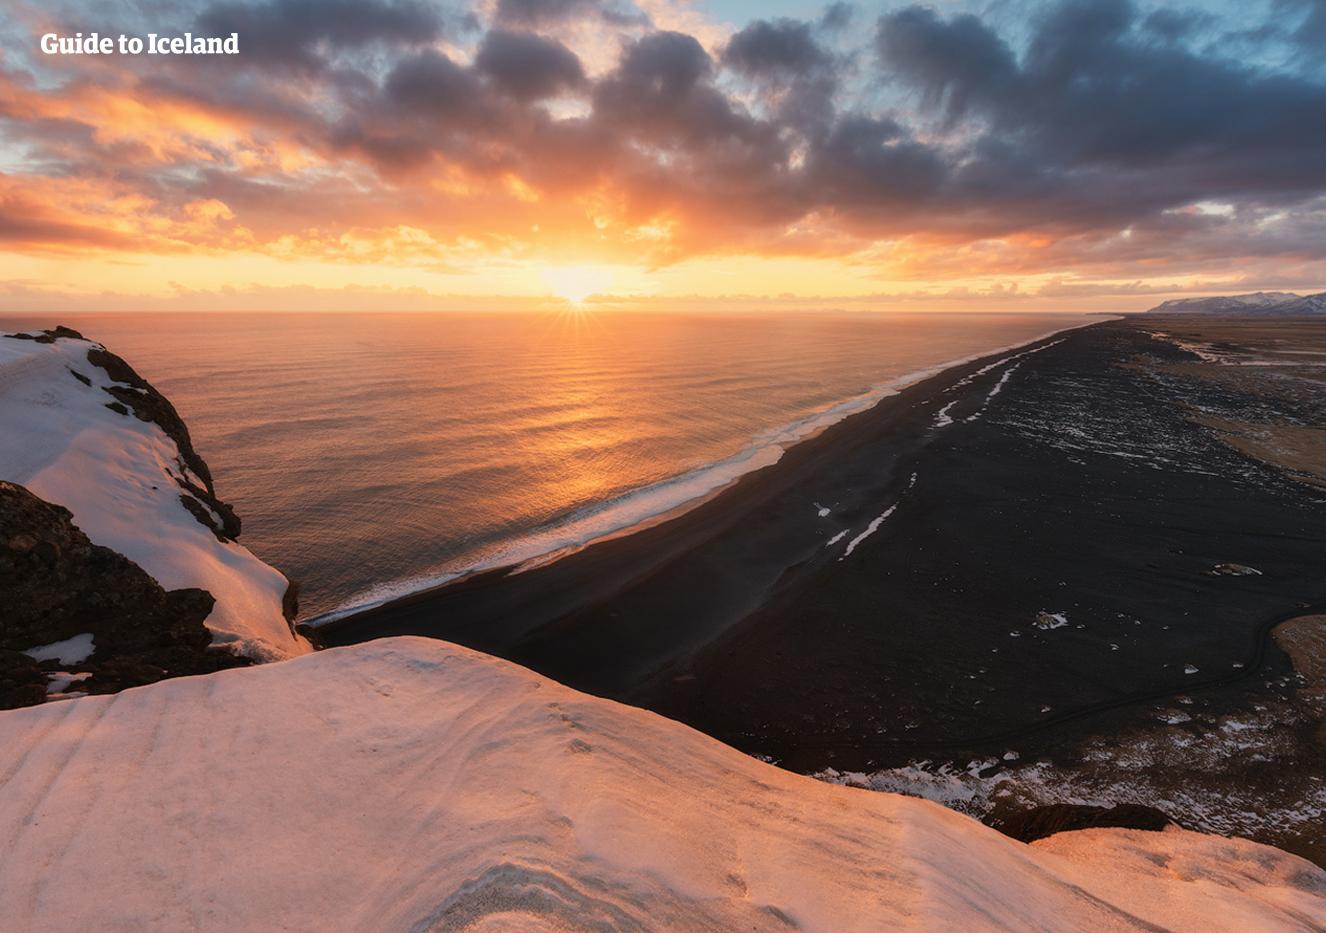 ชายฝั่งทางใต้ในฤดูหนาวนั้นมีมนต์เสน่ห์เป็นพิเศษเพราะการตัดกันของหิมะสีขาวและหาดทรายสีดำ.